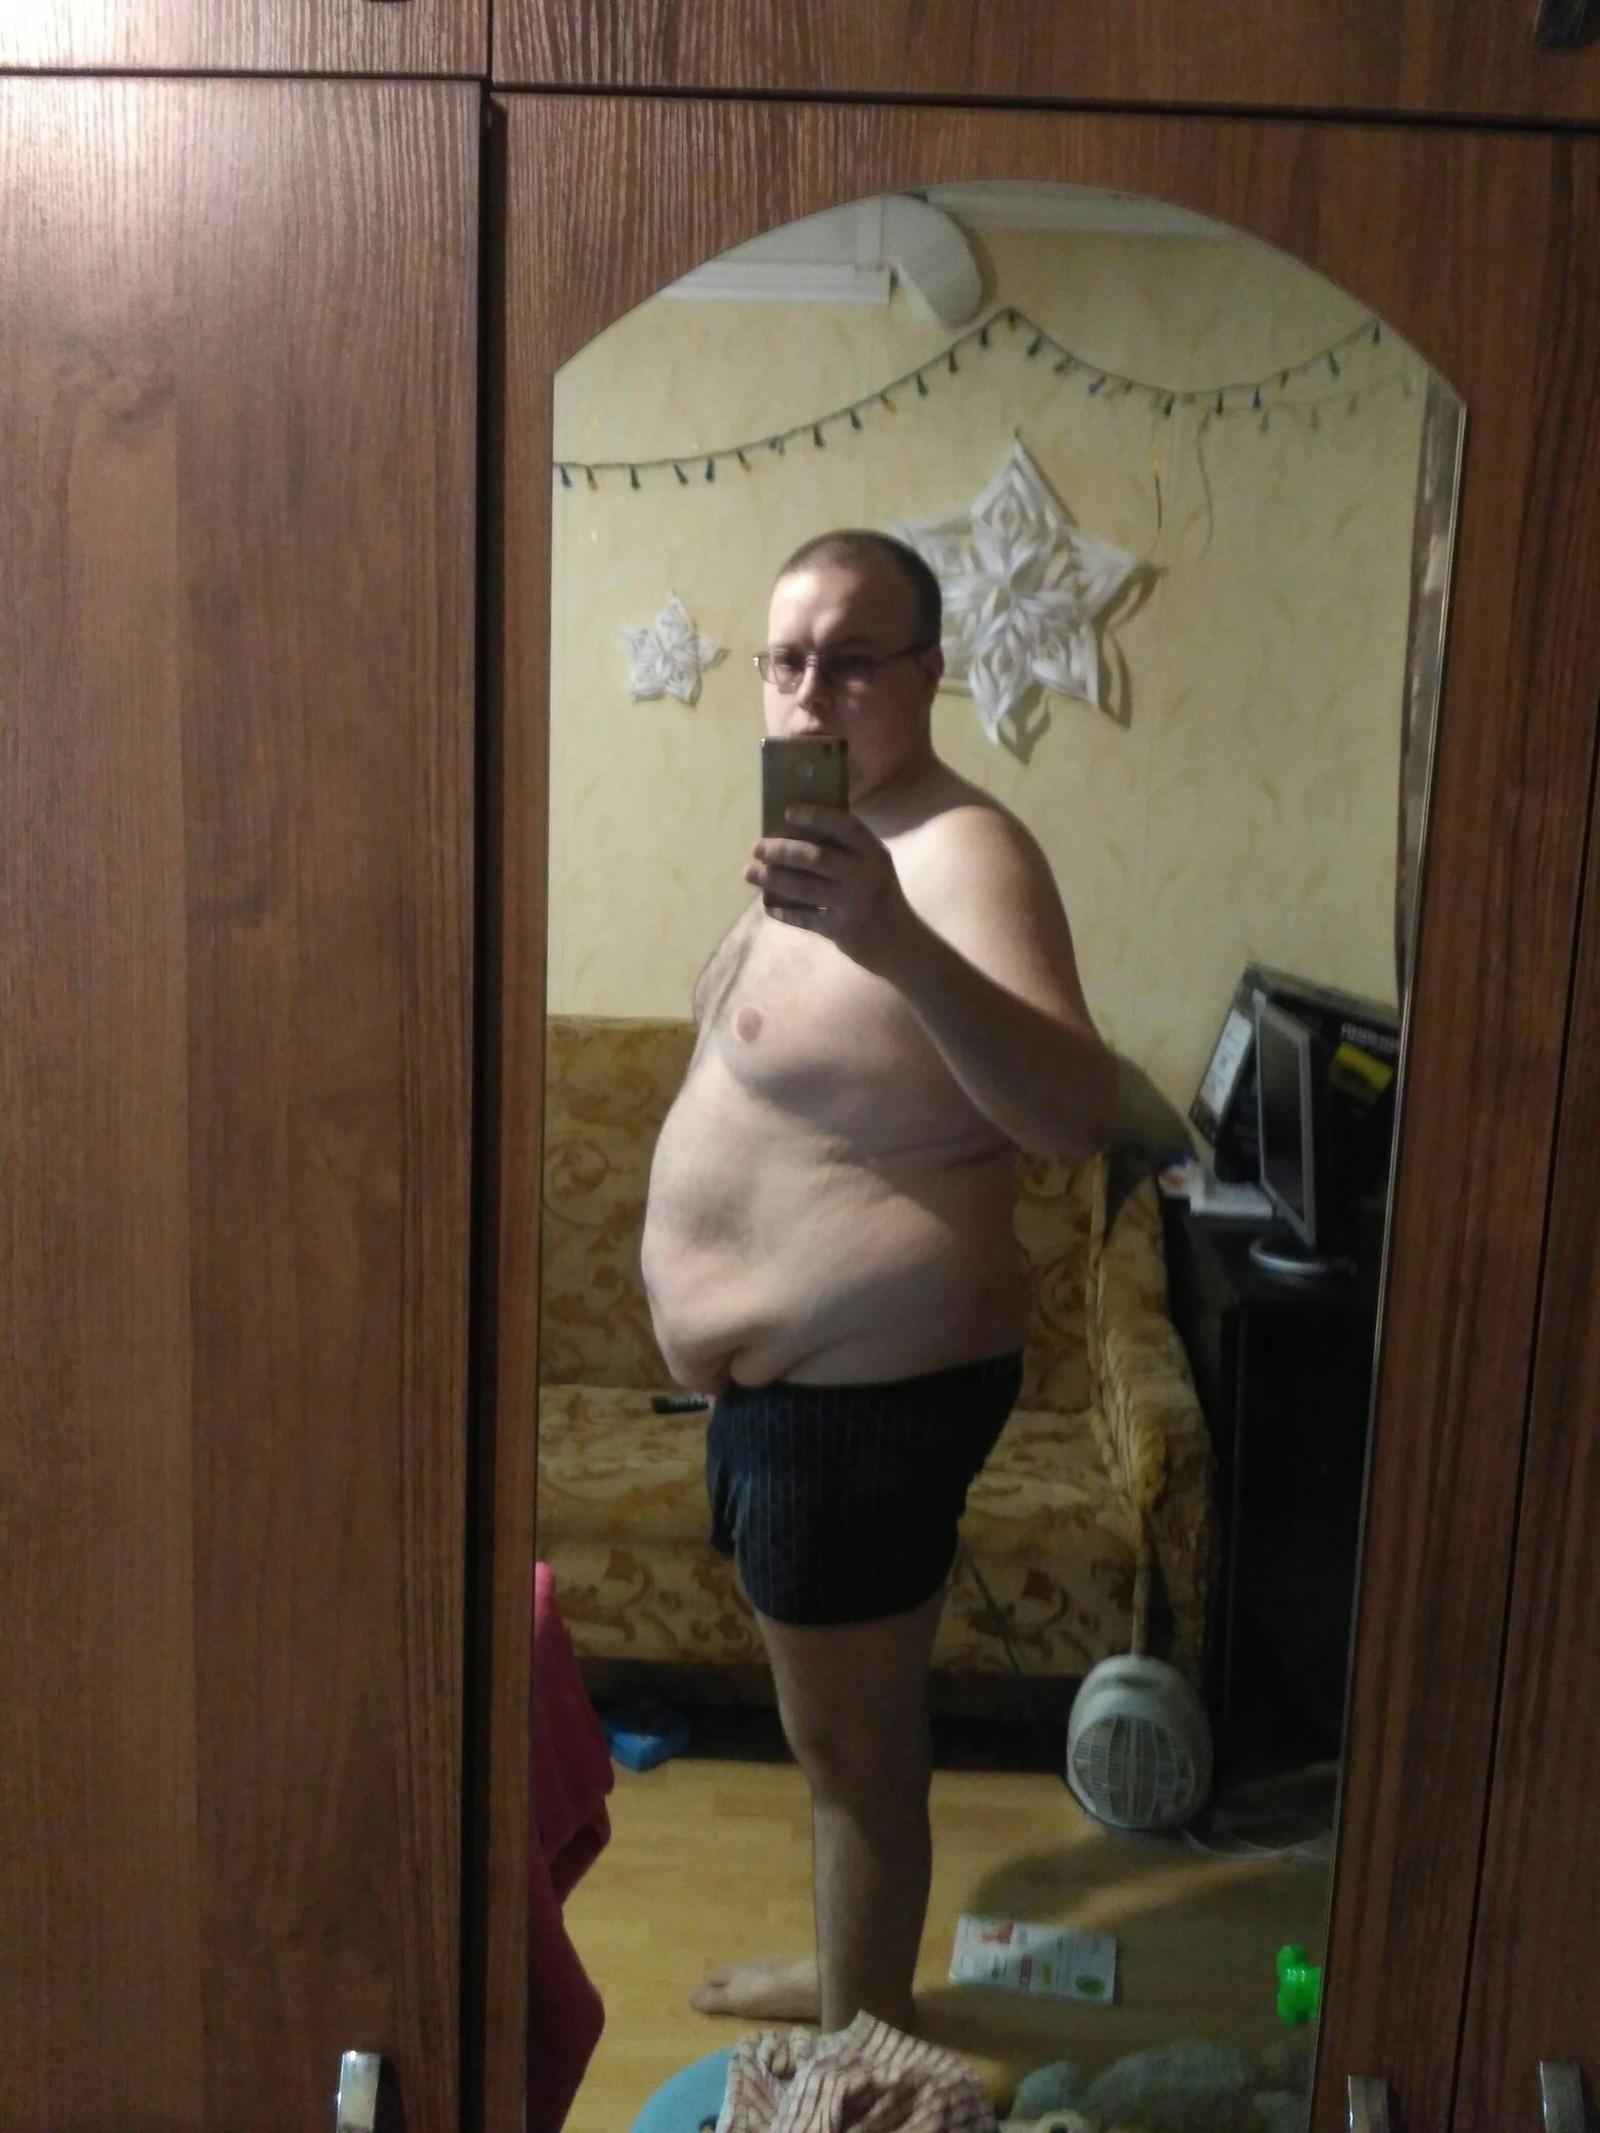 Как я похудел на 72 кг. Лишний вес, Длиннопост, Цель, Дробное питание 043c572d272